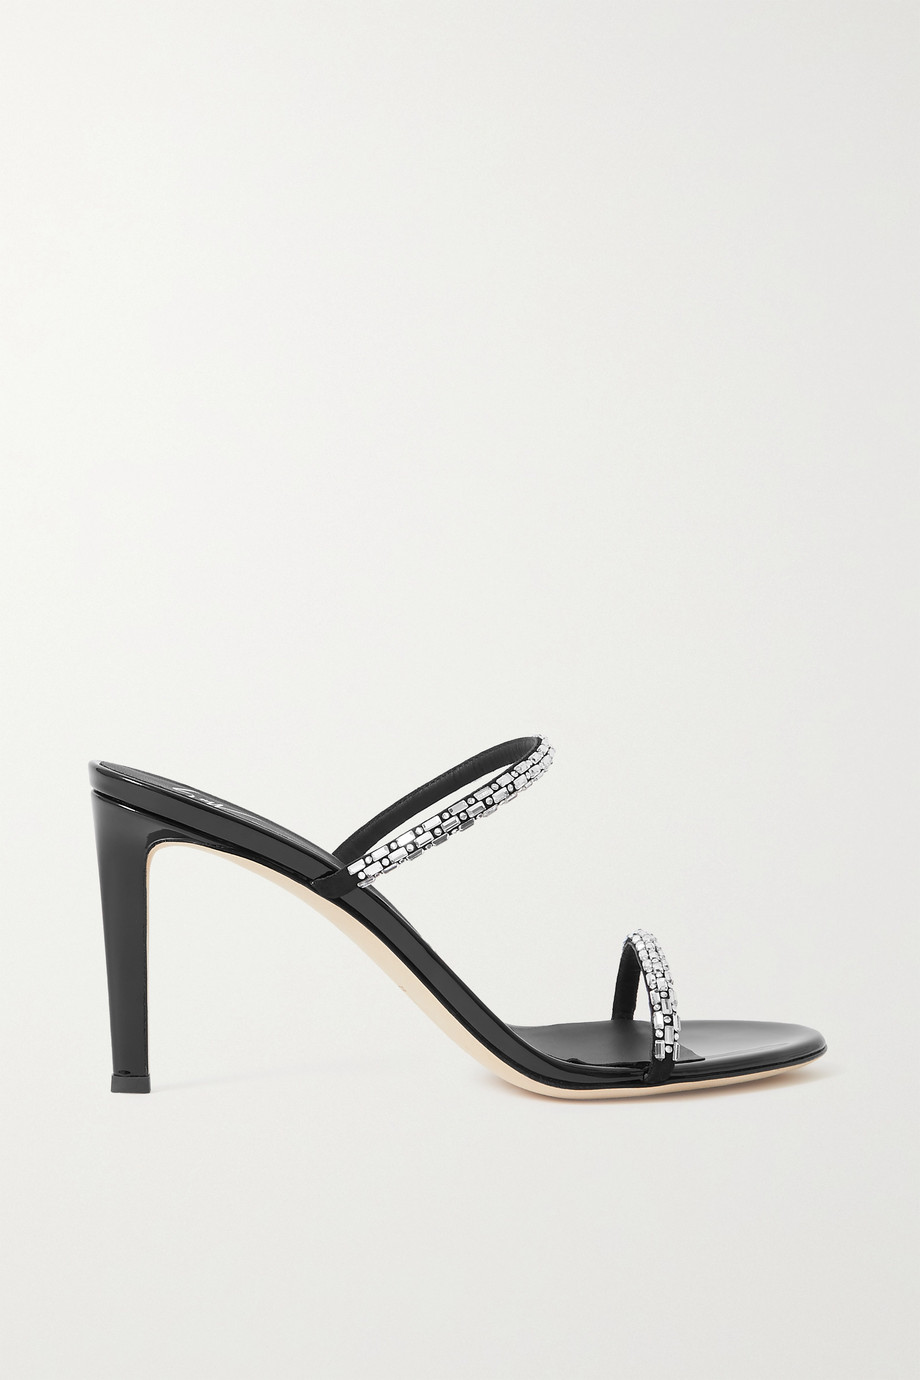 Giuseppe Zanotti Crystal-embellished leather mules